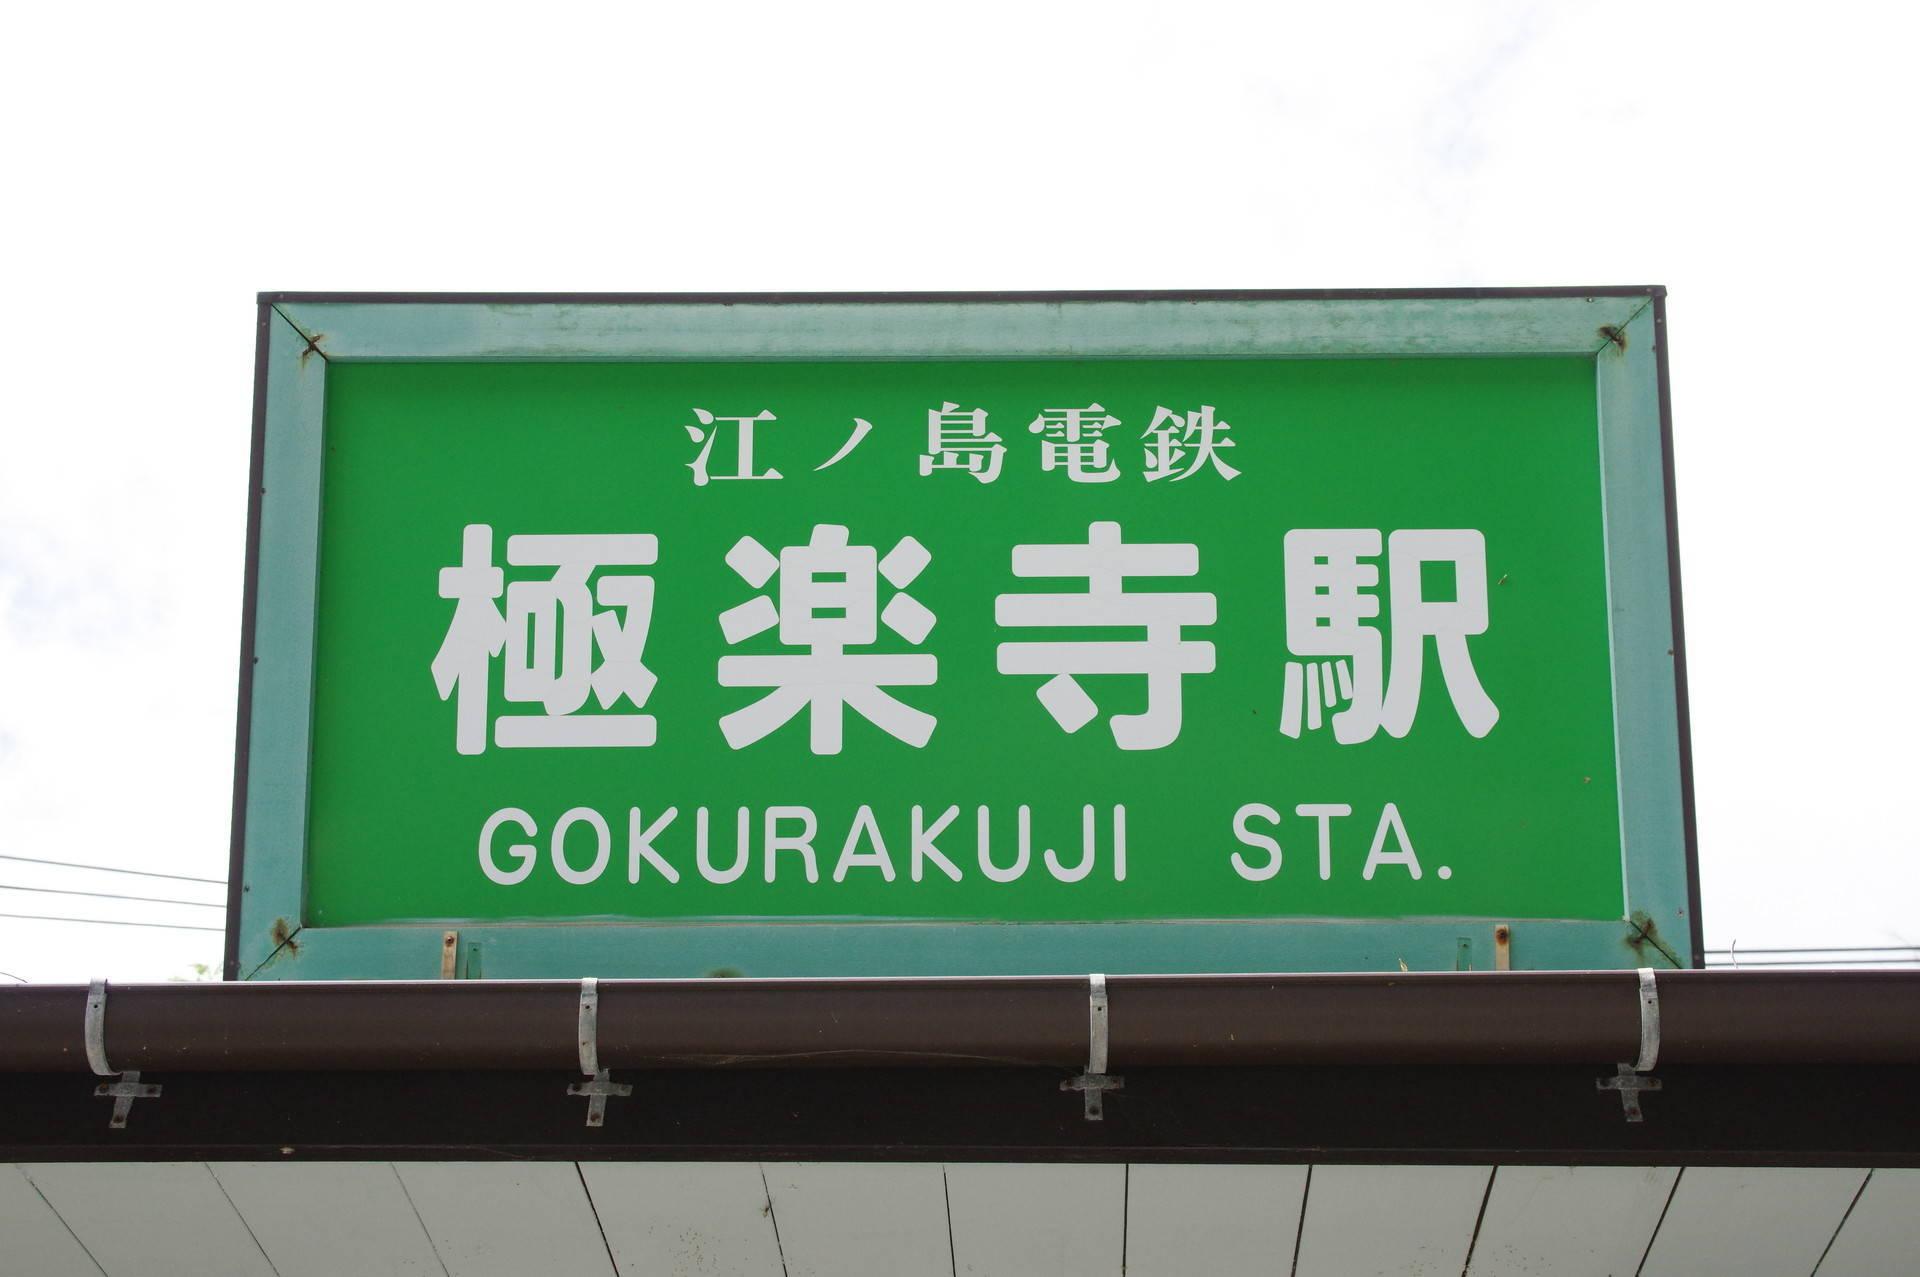 緑色の駅名看板